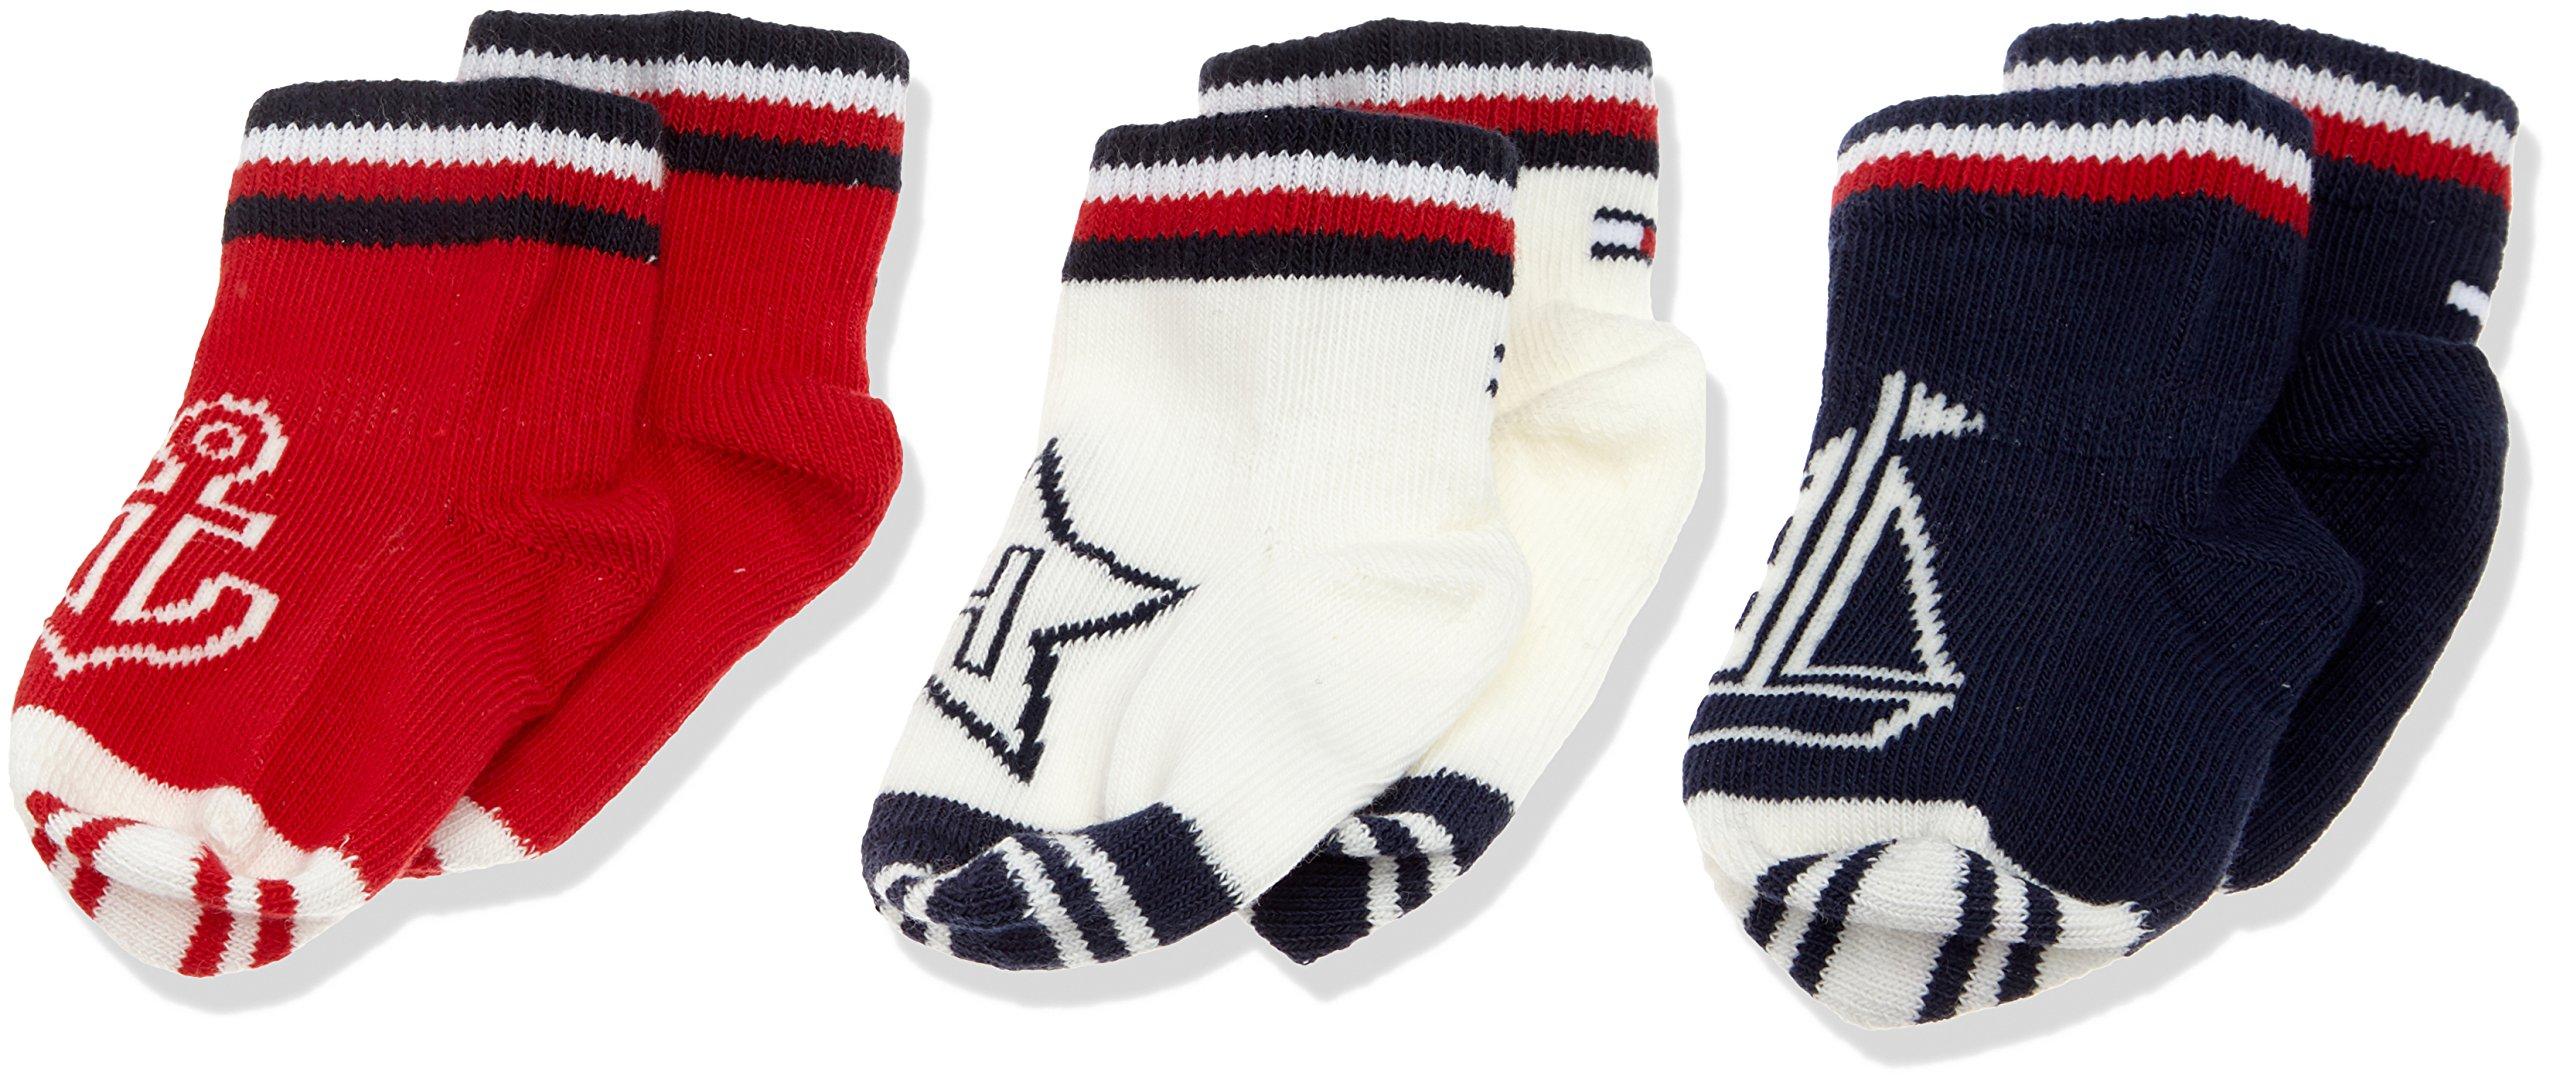 Tommy Hilfiger Calcetines (Pack de 3) Unisex bebé